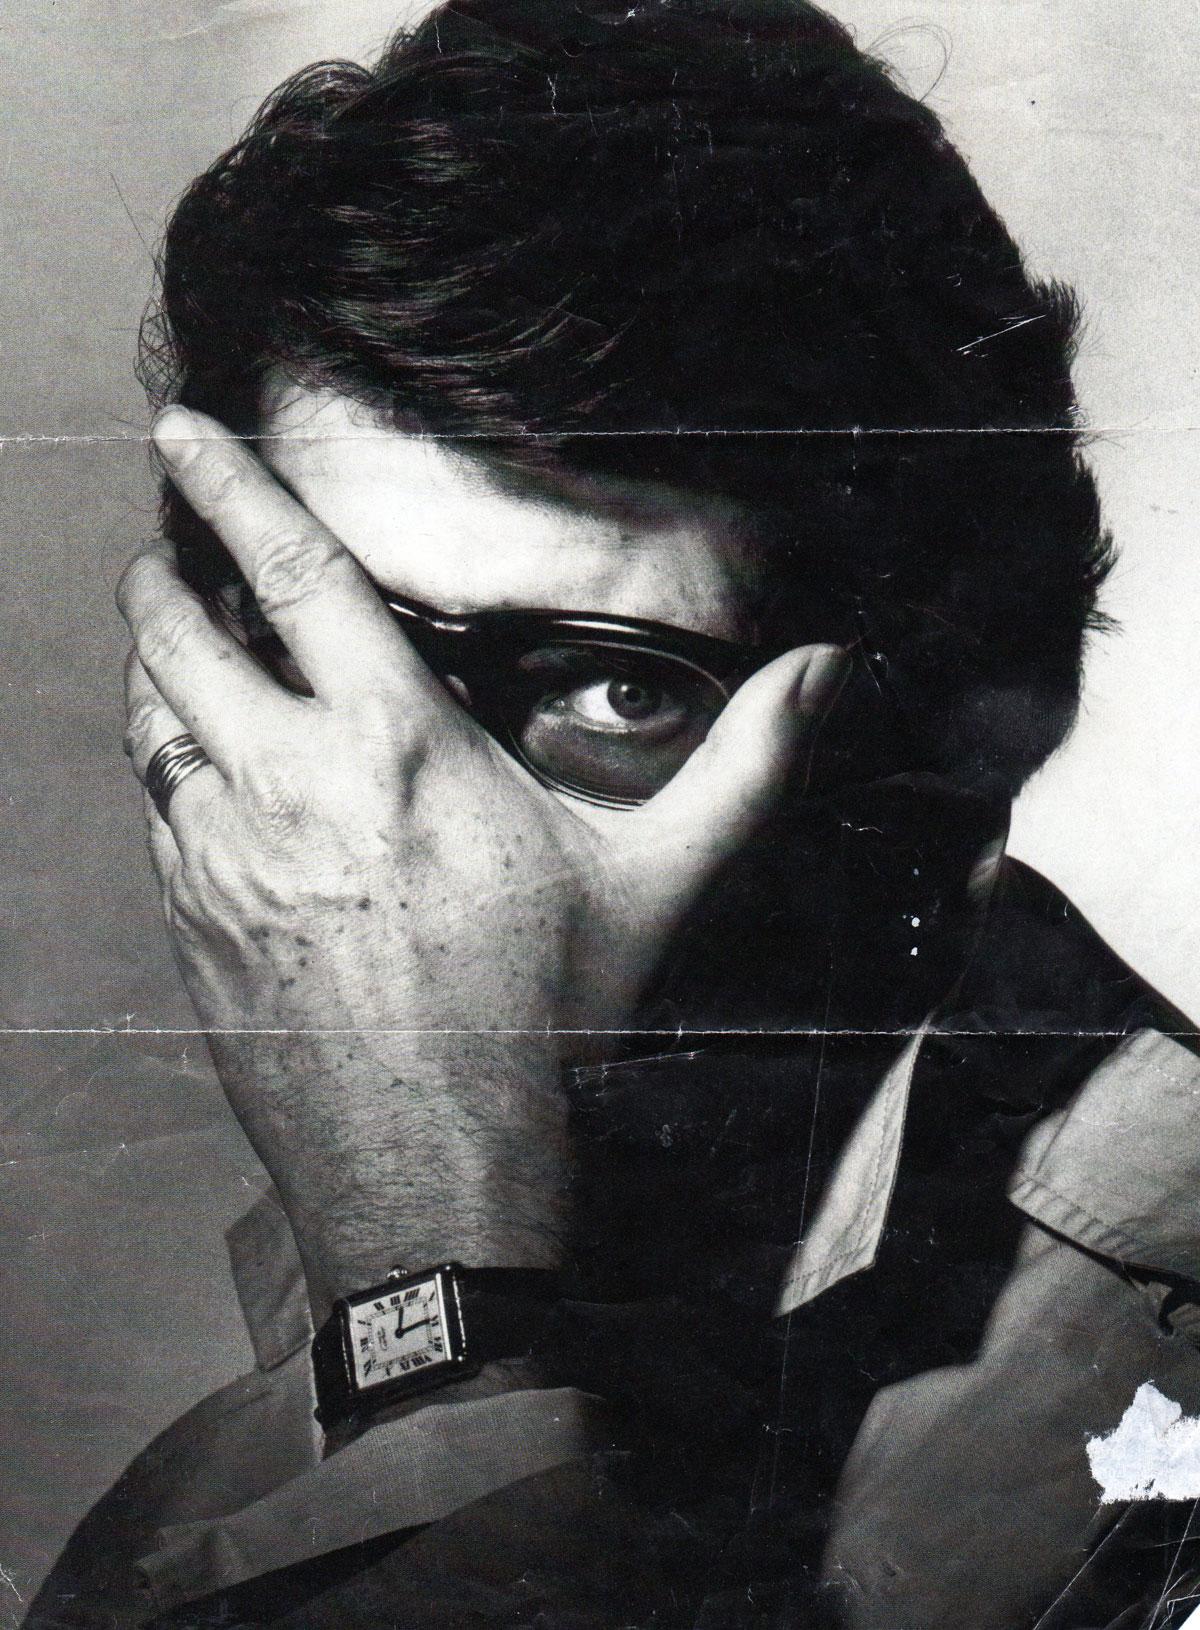 Yves Saint Laurent by Irving Penn